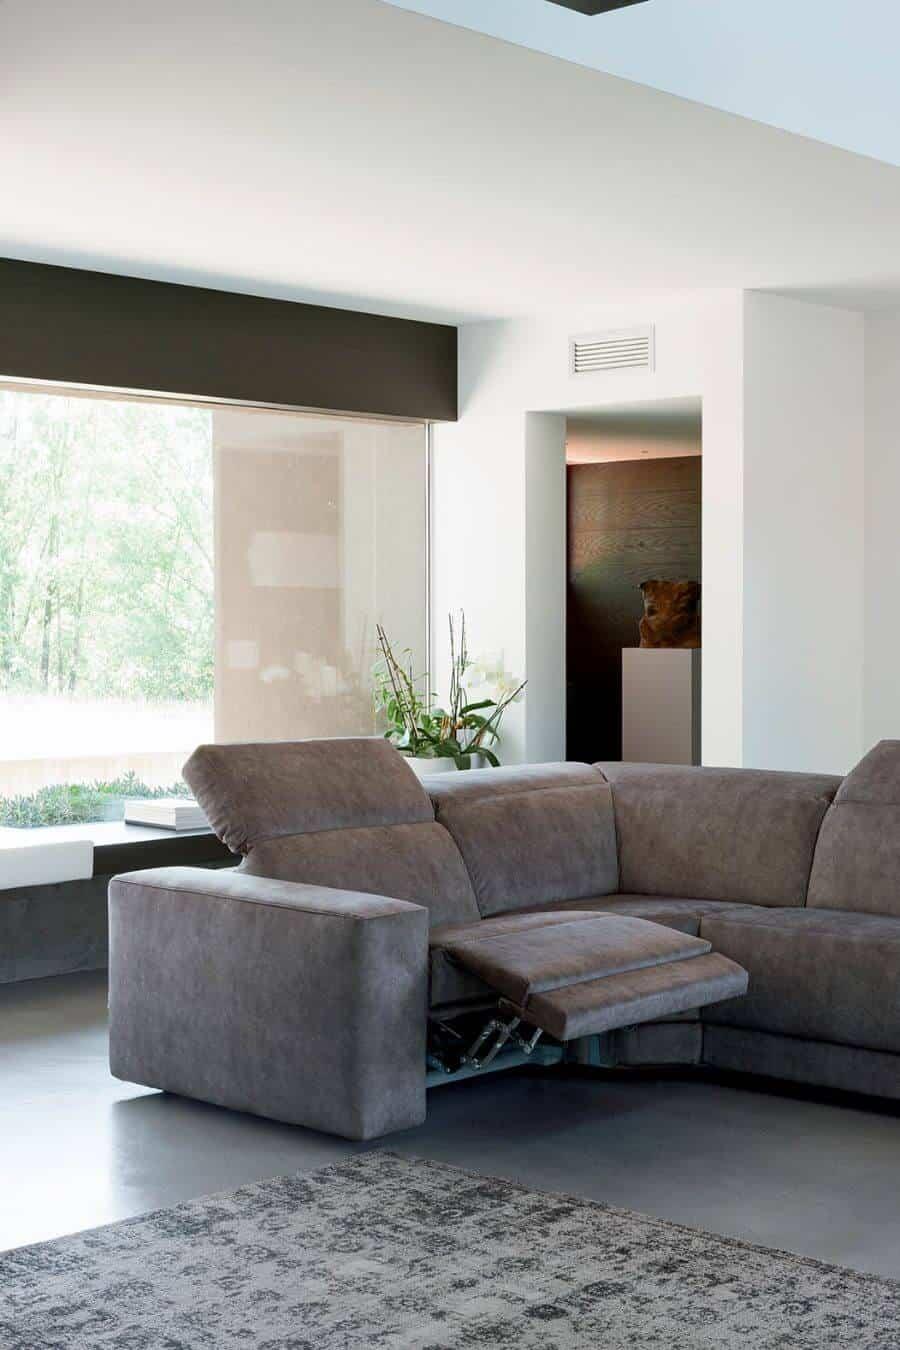 divani-relax-collezione-river-il-mobile (2)